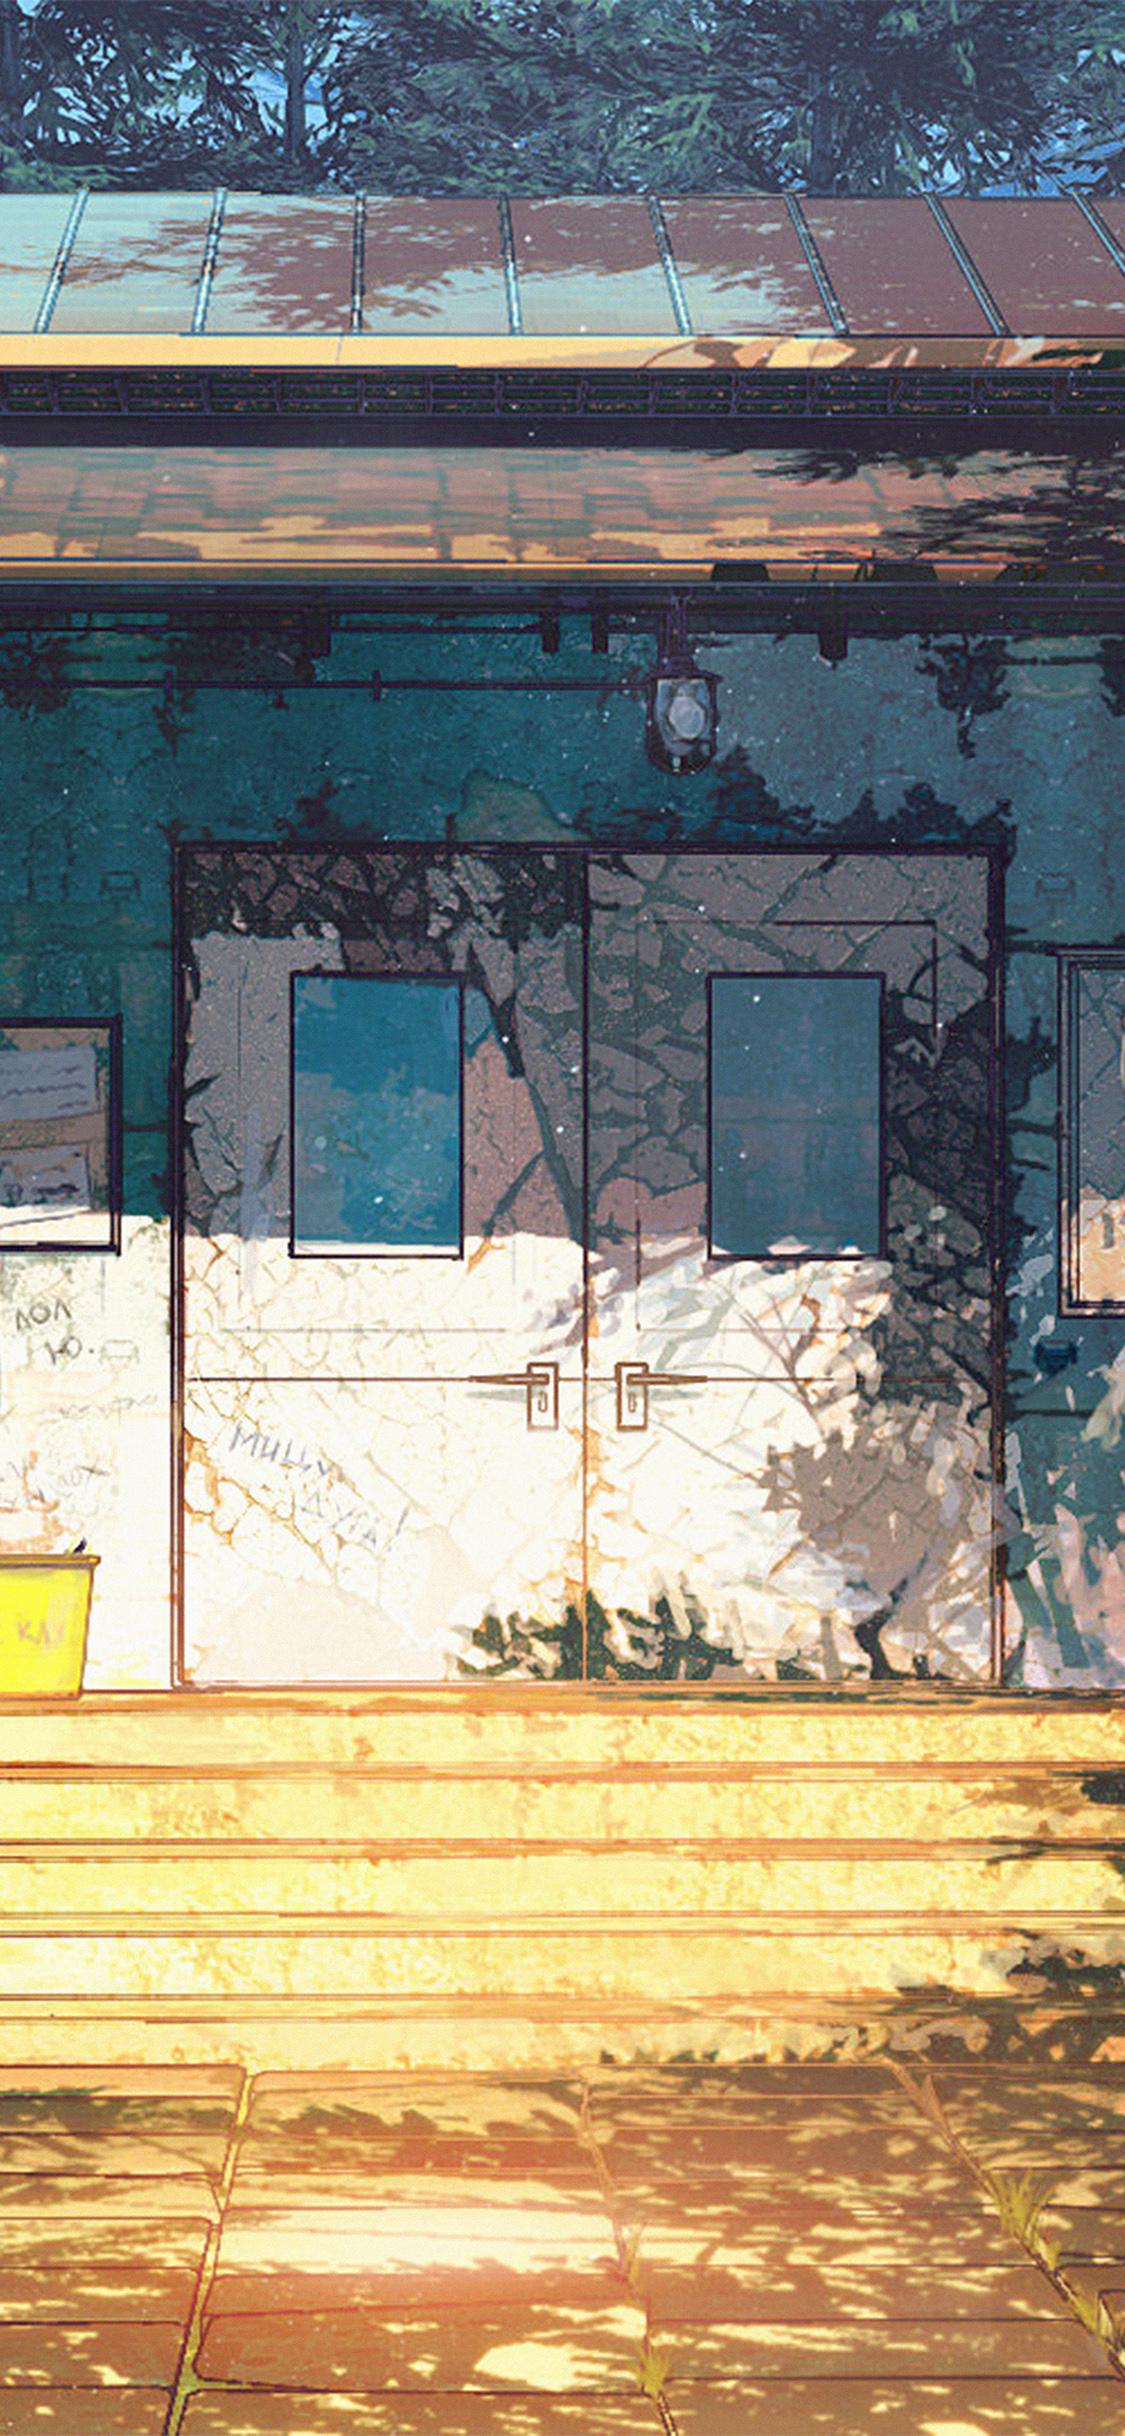 iPhoneXpapers.com-Apple-iPhone-wallpaper-av21-camp-wood-house-anime-illustration-art-arseniy-chebynkin